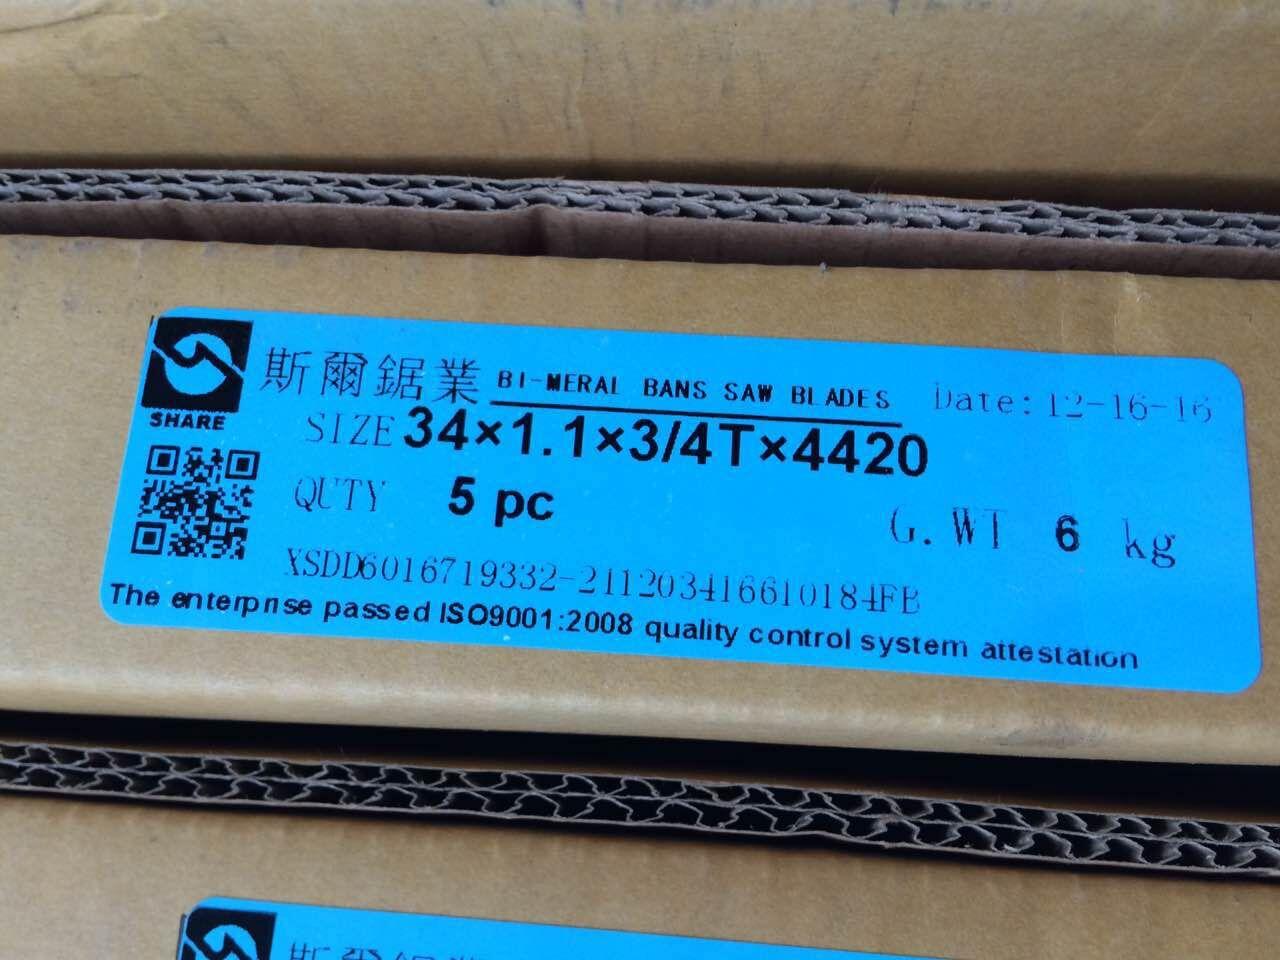 浙江美國斯爾帶鋸條生產廠家-可信賴的美國斯爾帶鋸條生產廠家傾情推薦